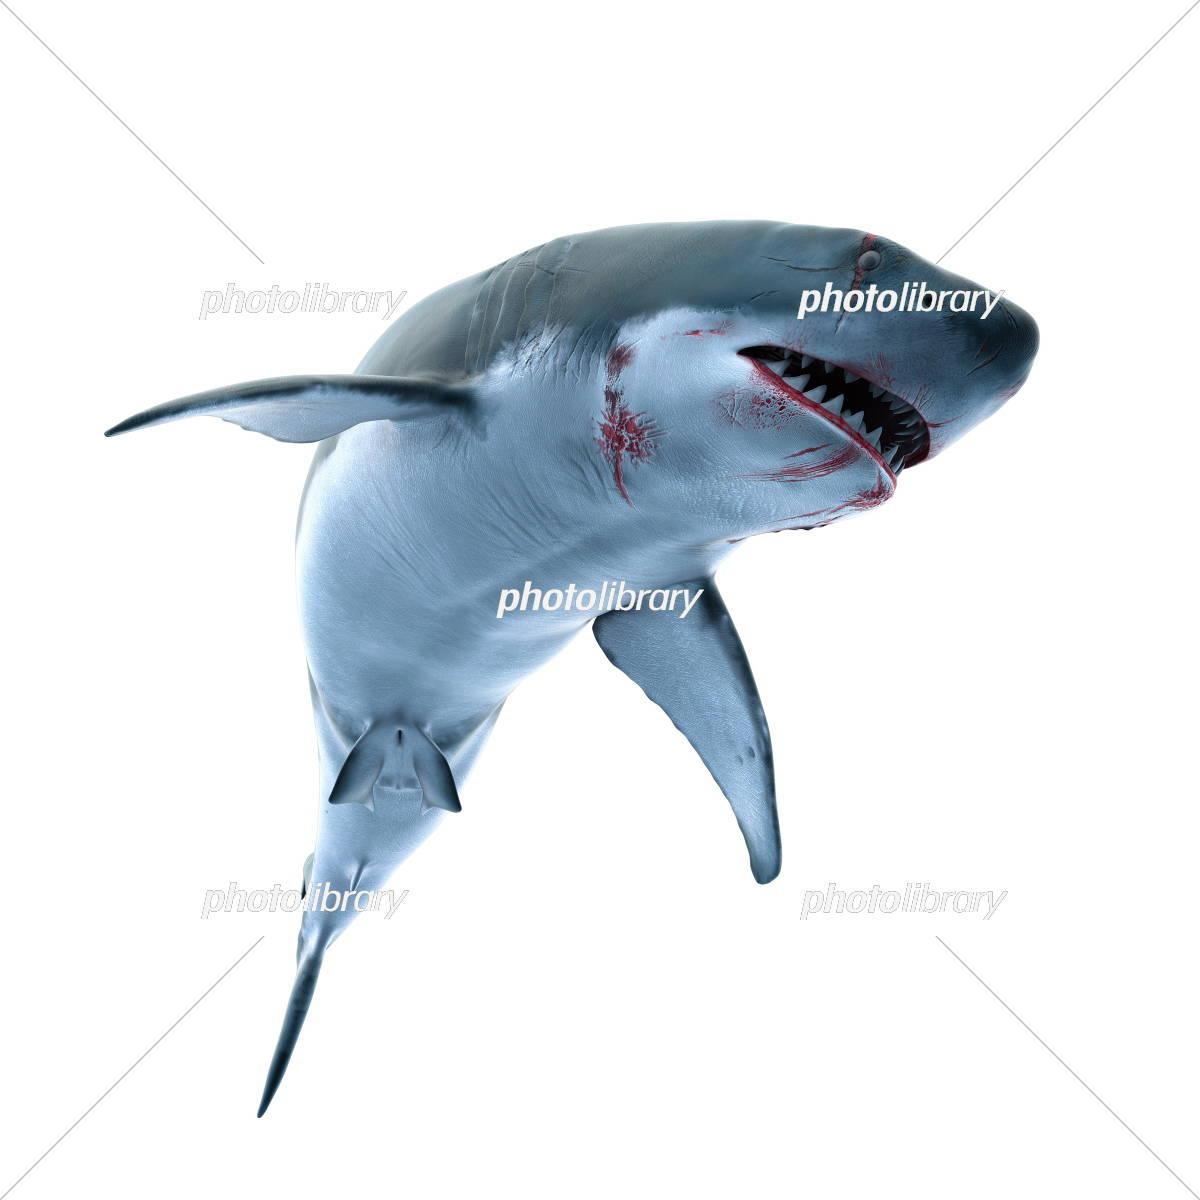 サメのイラストcg イラスト素材 5376884 フォトライブラリー